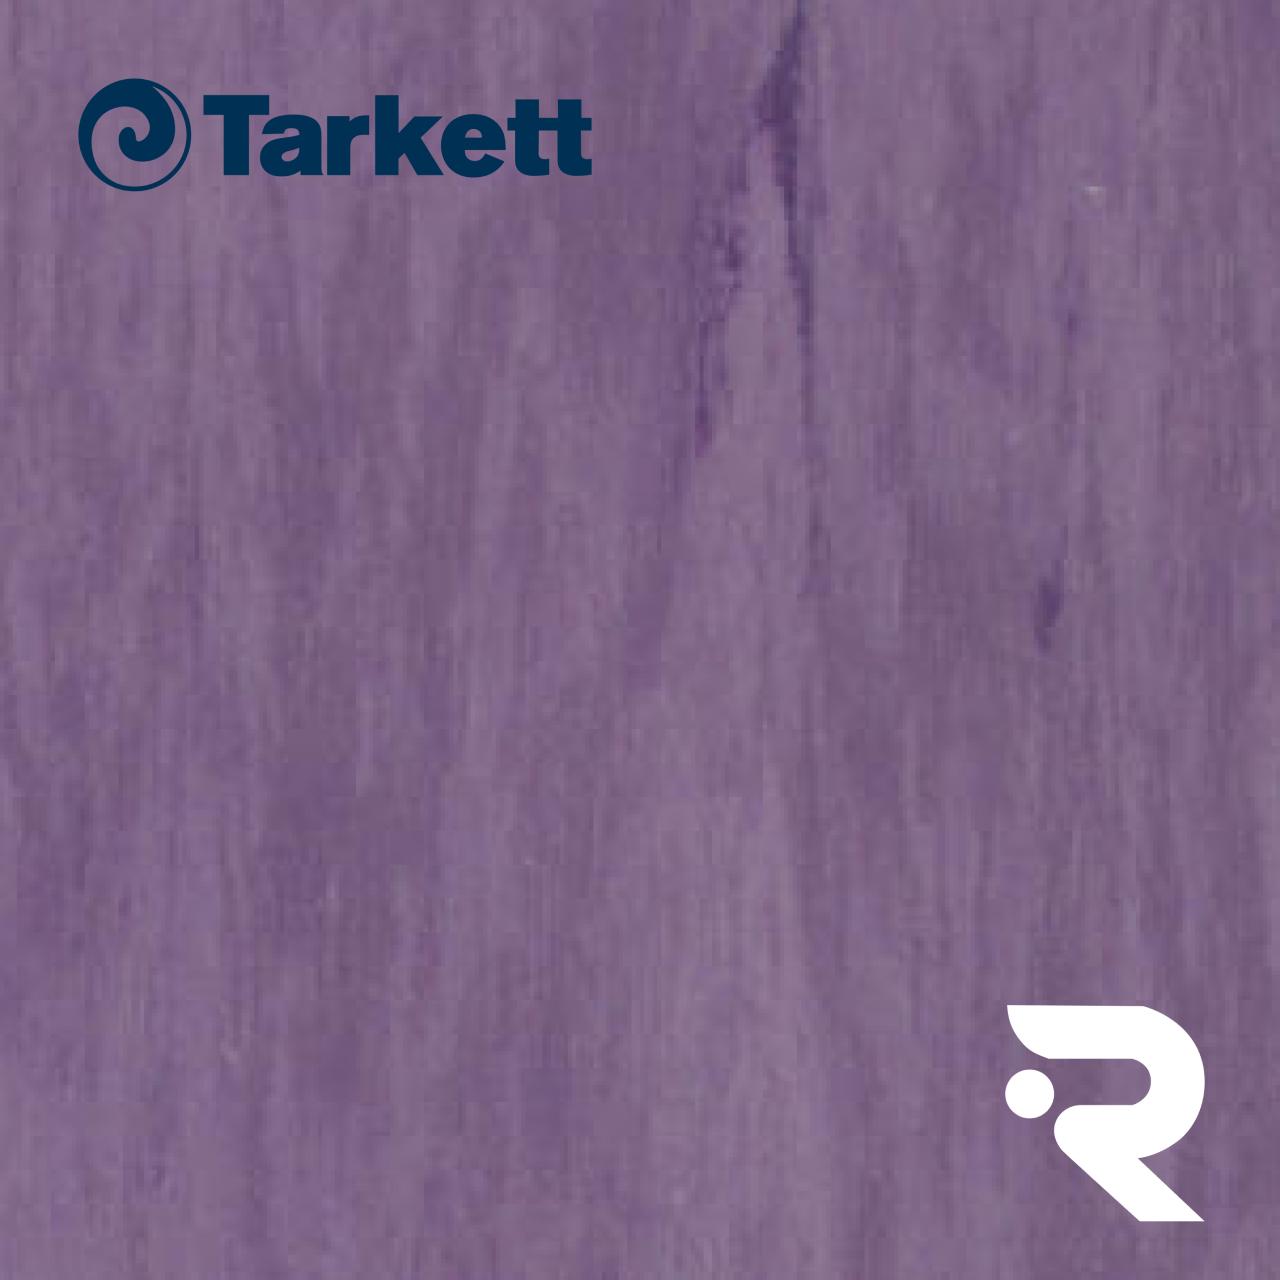 🏫 Гомогенний лінолеум Tarkett   Standard PURPLE 0918   Standard Plus 2.0 mm   2 х 23 м